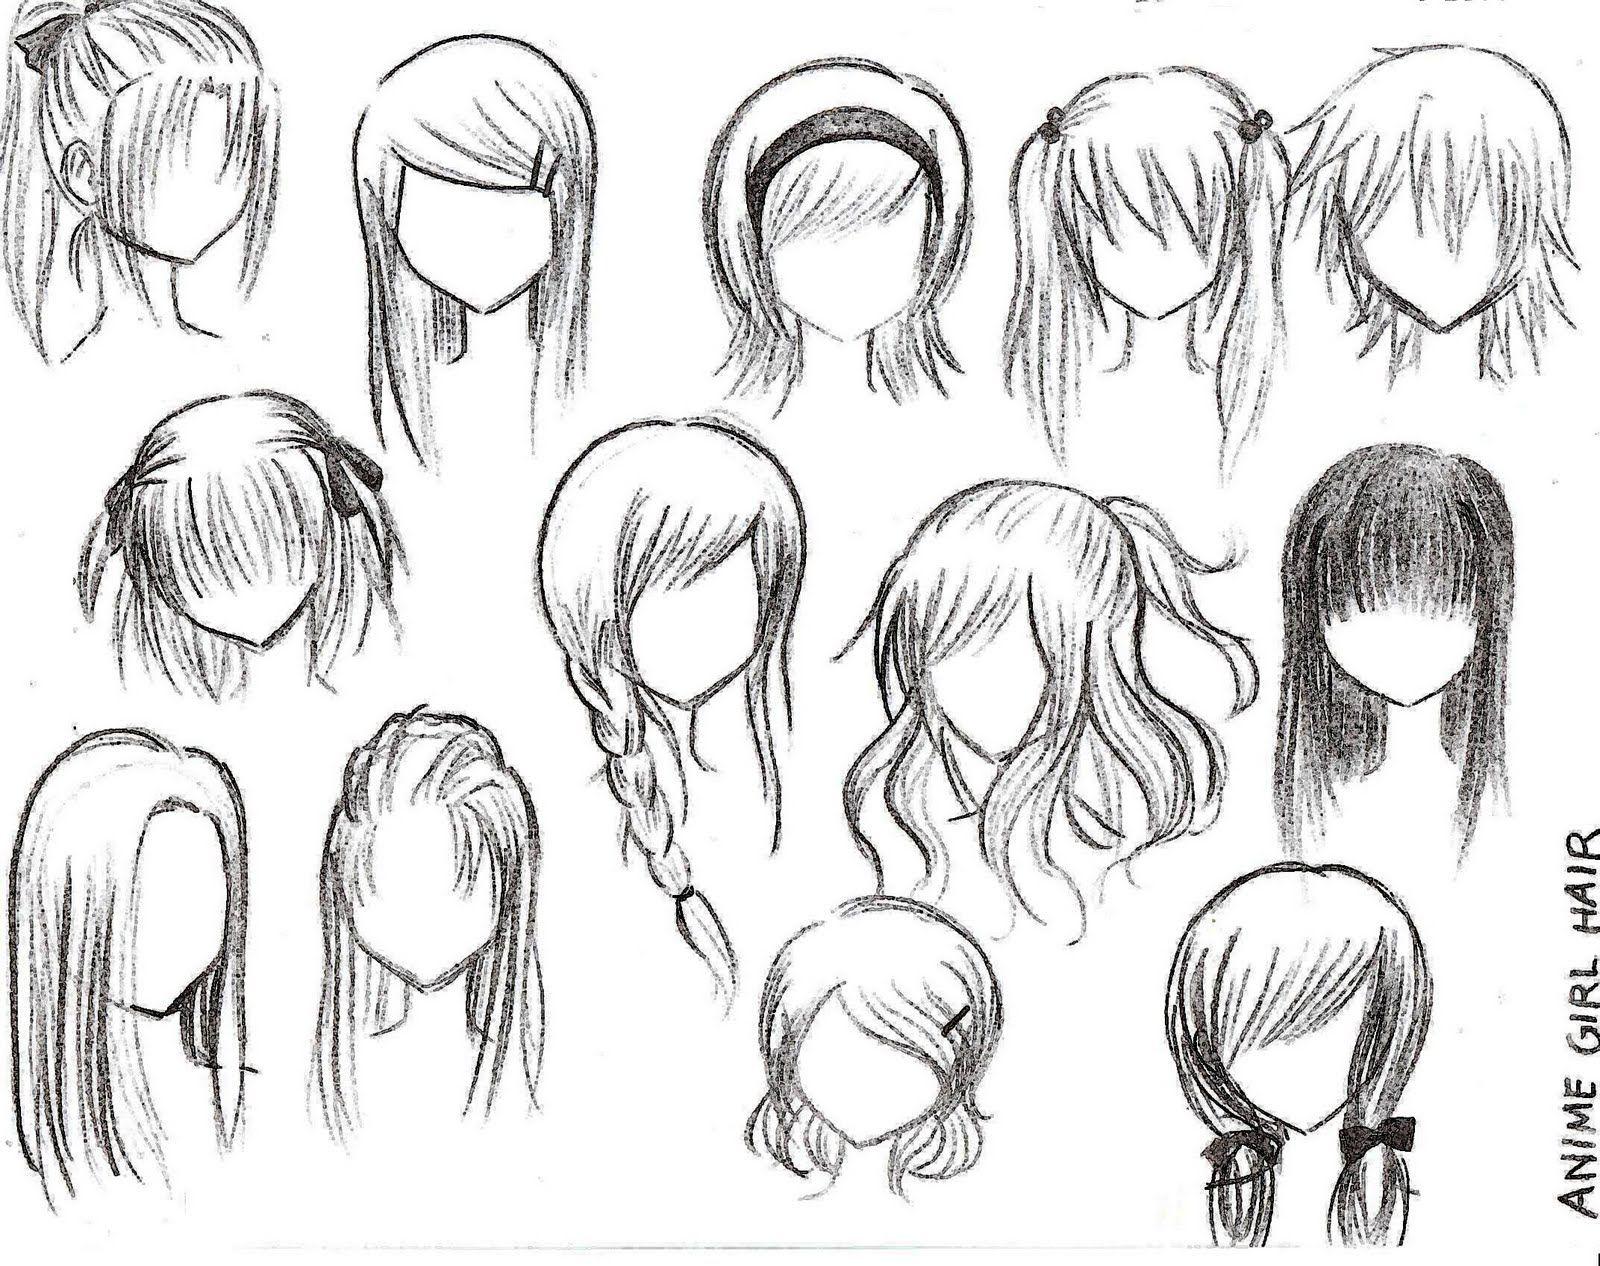 Imagenes de peinados anime para dibujar